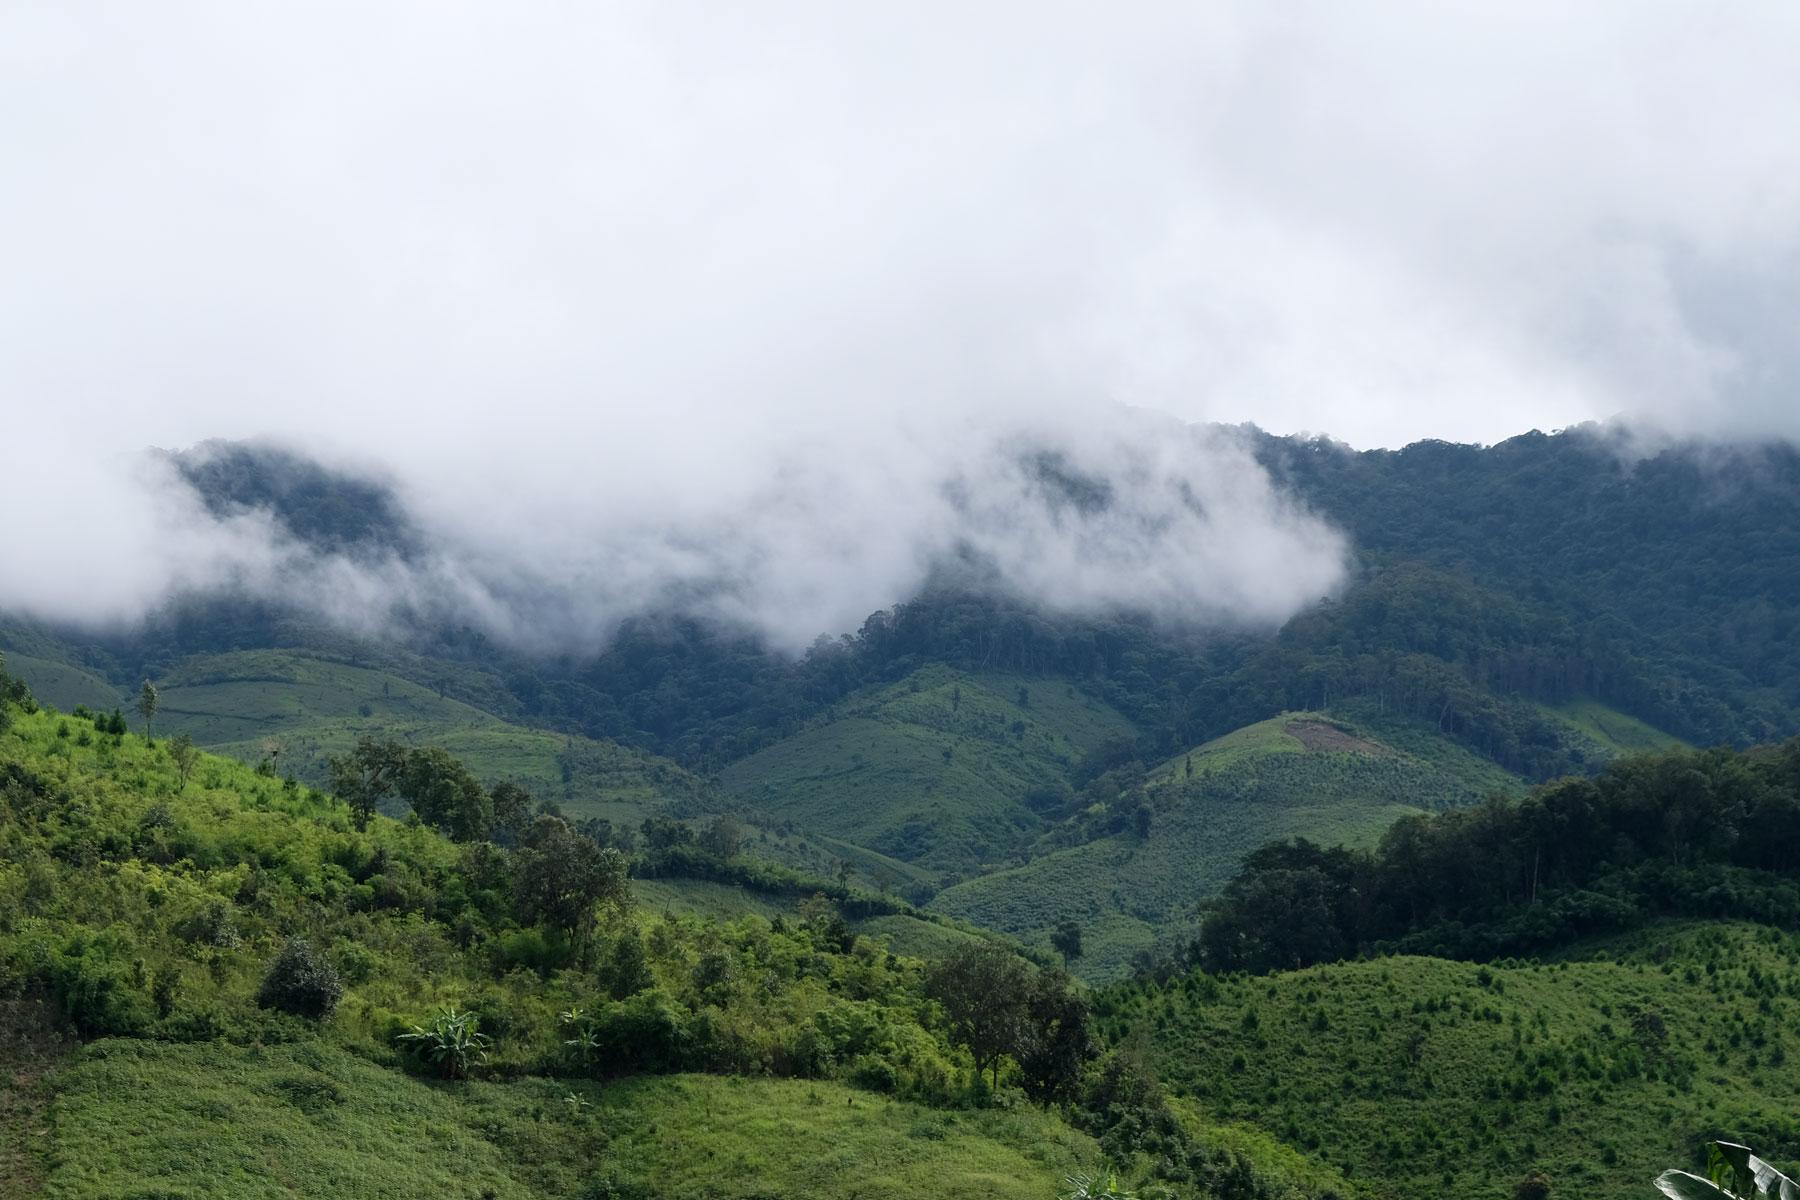 Wolken ziehen über die grünen Berge Vietnams.